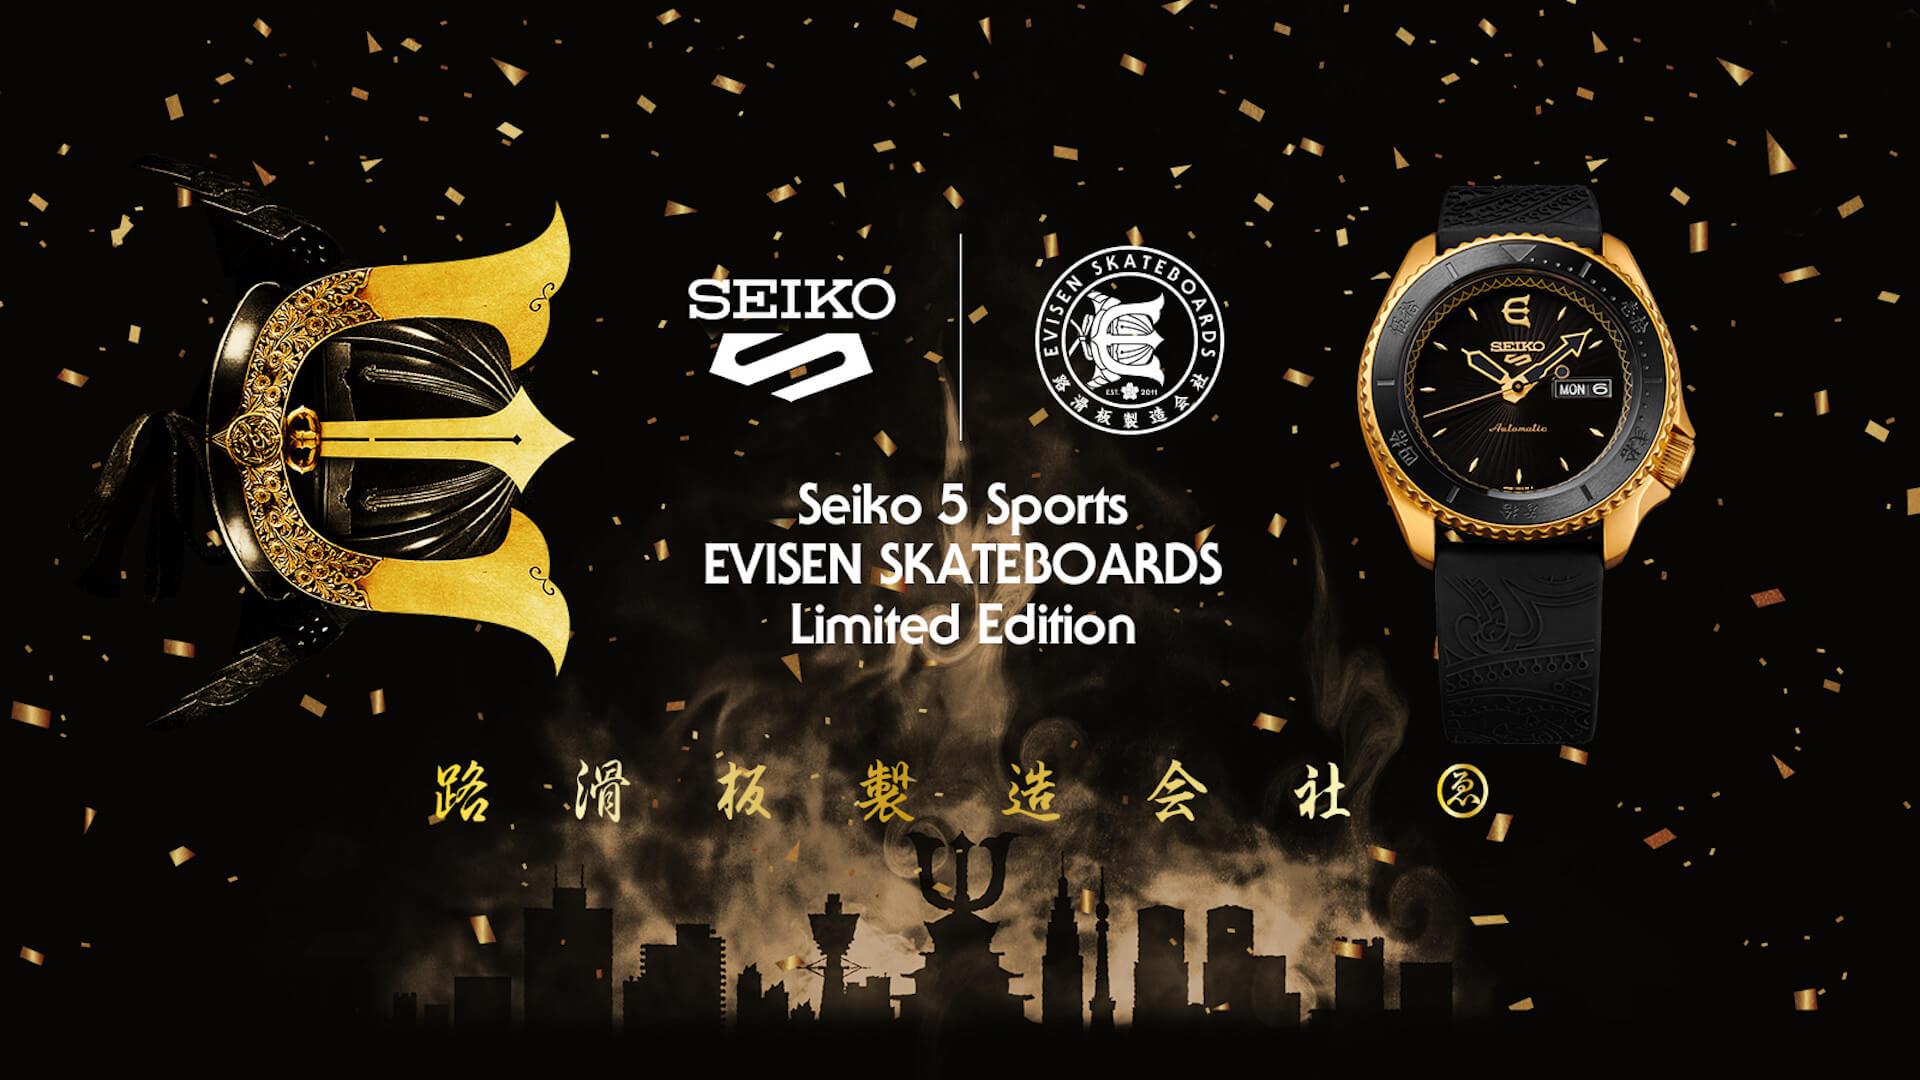 「セイコー 5スポーツ」からEVISEN SKATEBOARDSとのコラボモデル3種が登場!兜、スケボー、寿司をイメージした3モデル tech210406_evisenskateboards_1